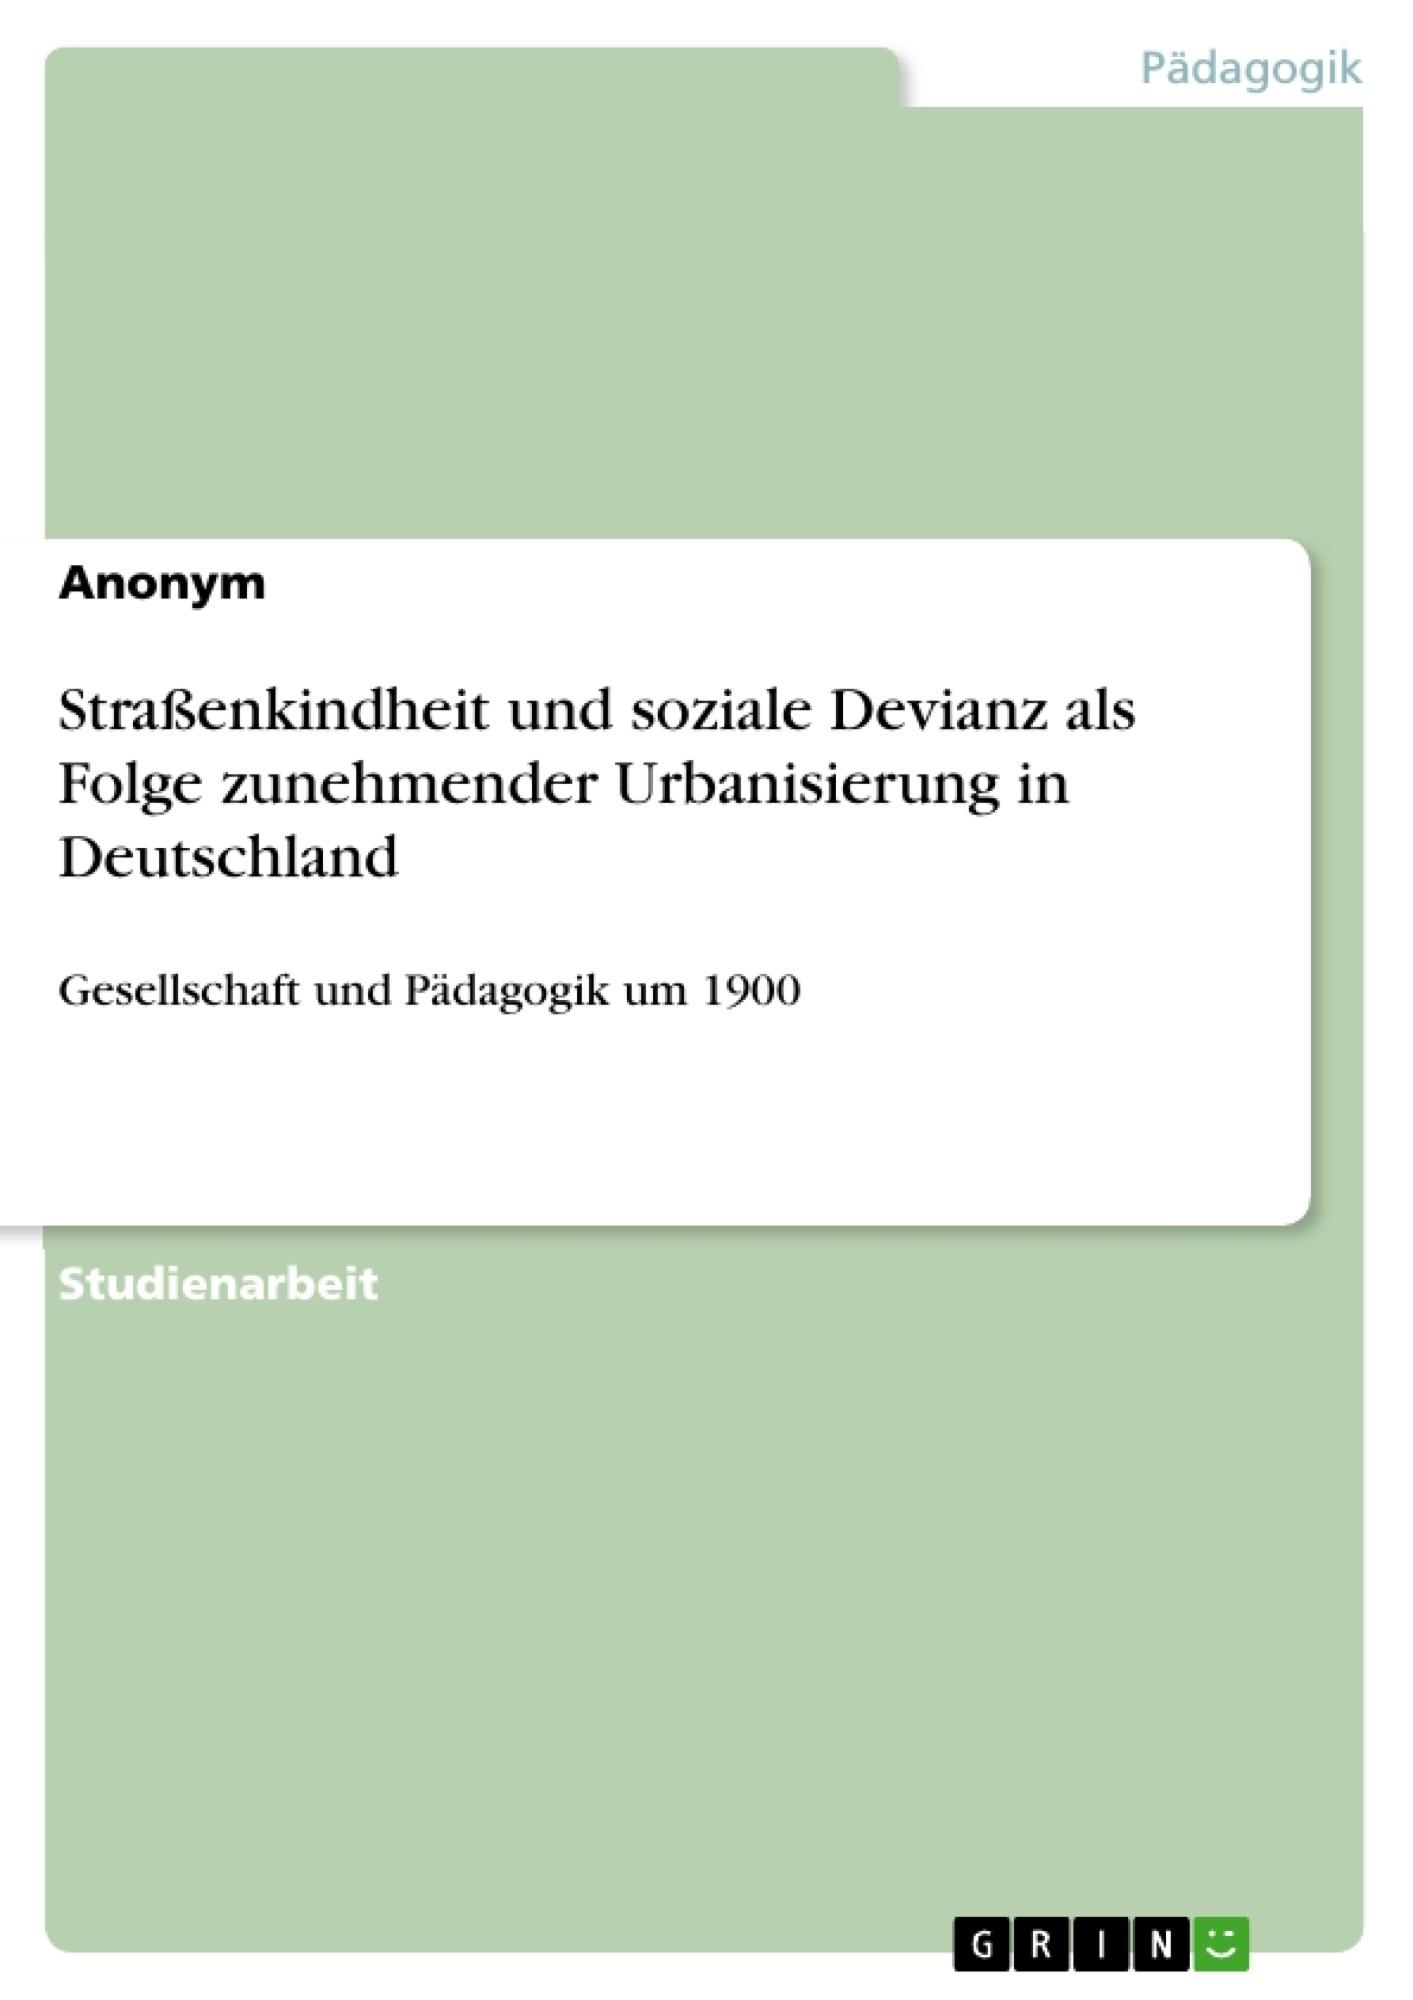 Titel: Straßenkindheit und soziale Devianz als Folge zunehmender Urbanisierung in Deutschland